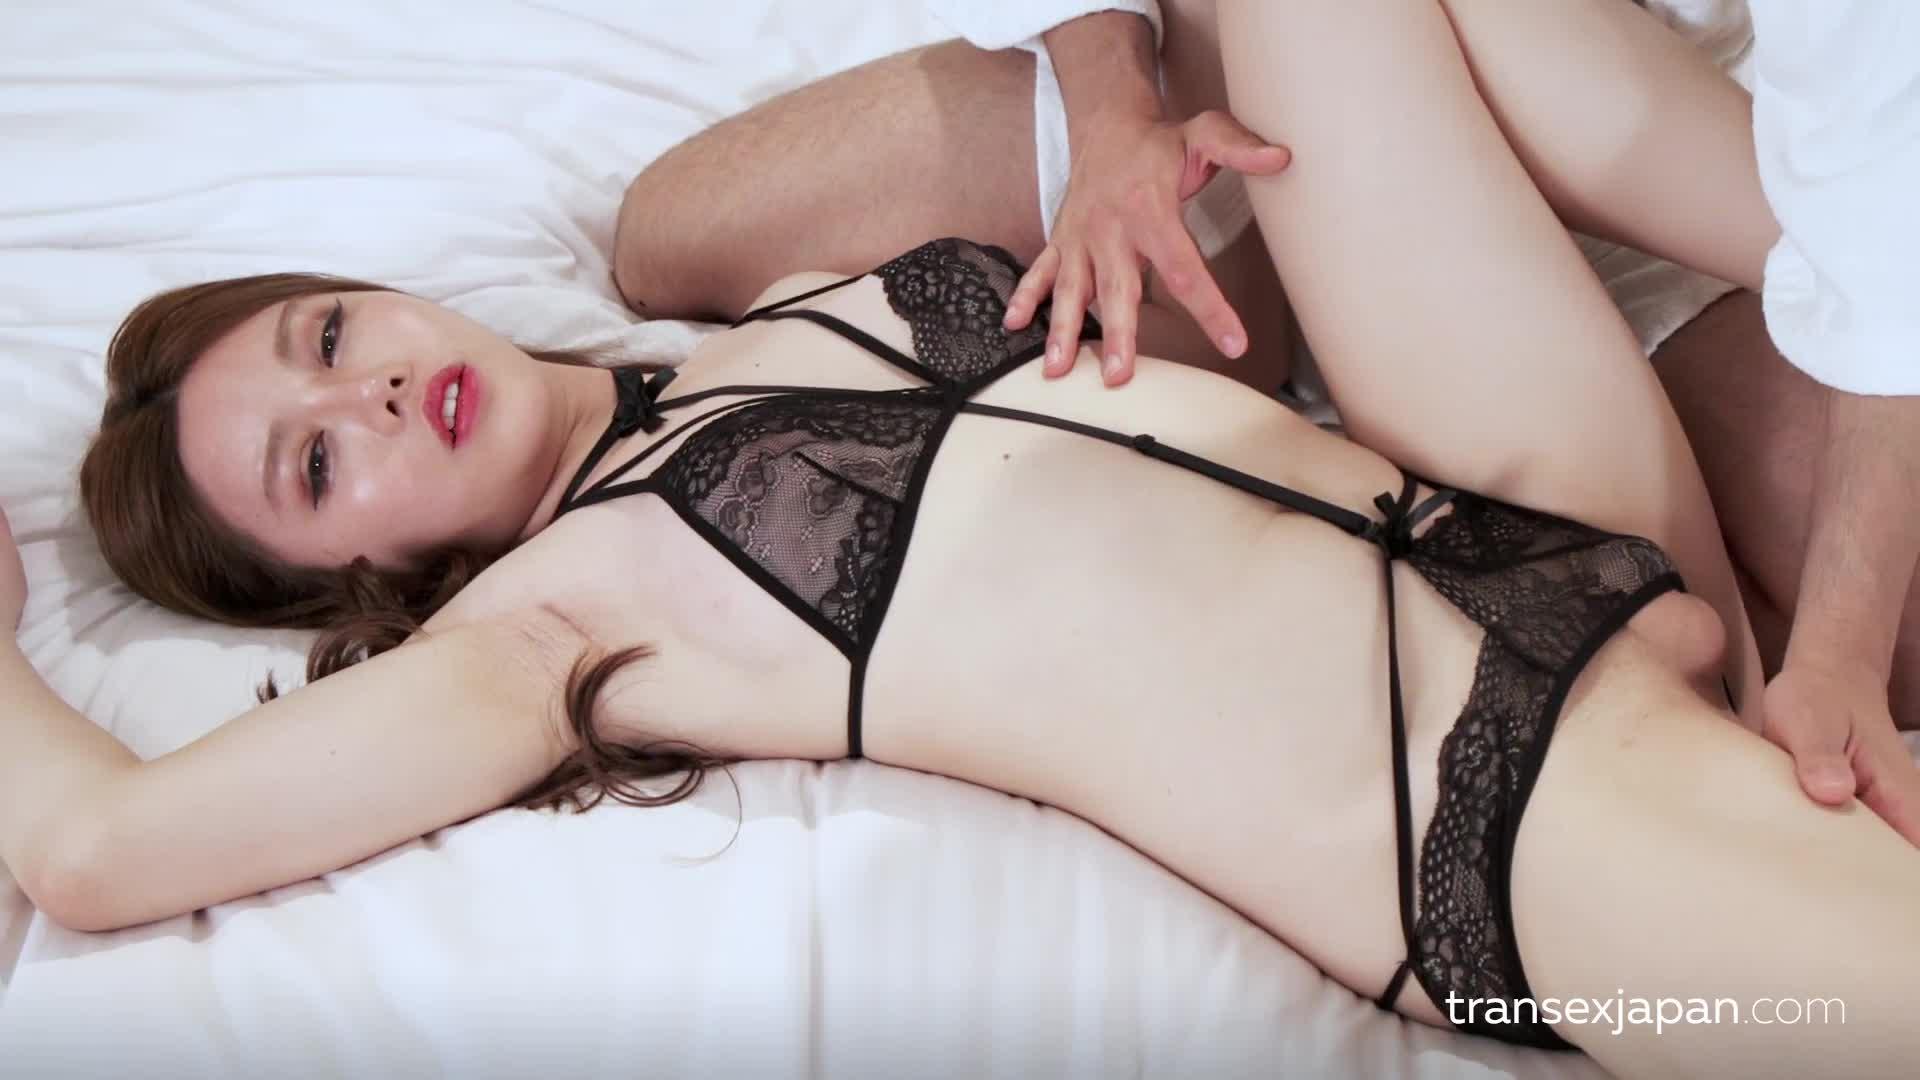 最新流出中国TSmasem小乐乐被性爱按摩师按到胸部出奶